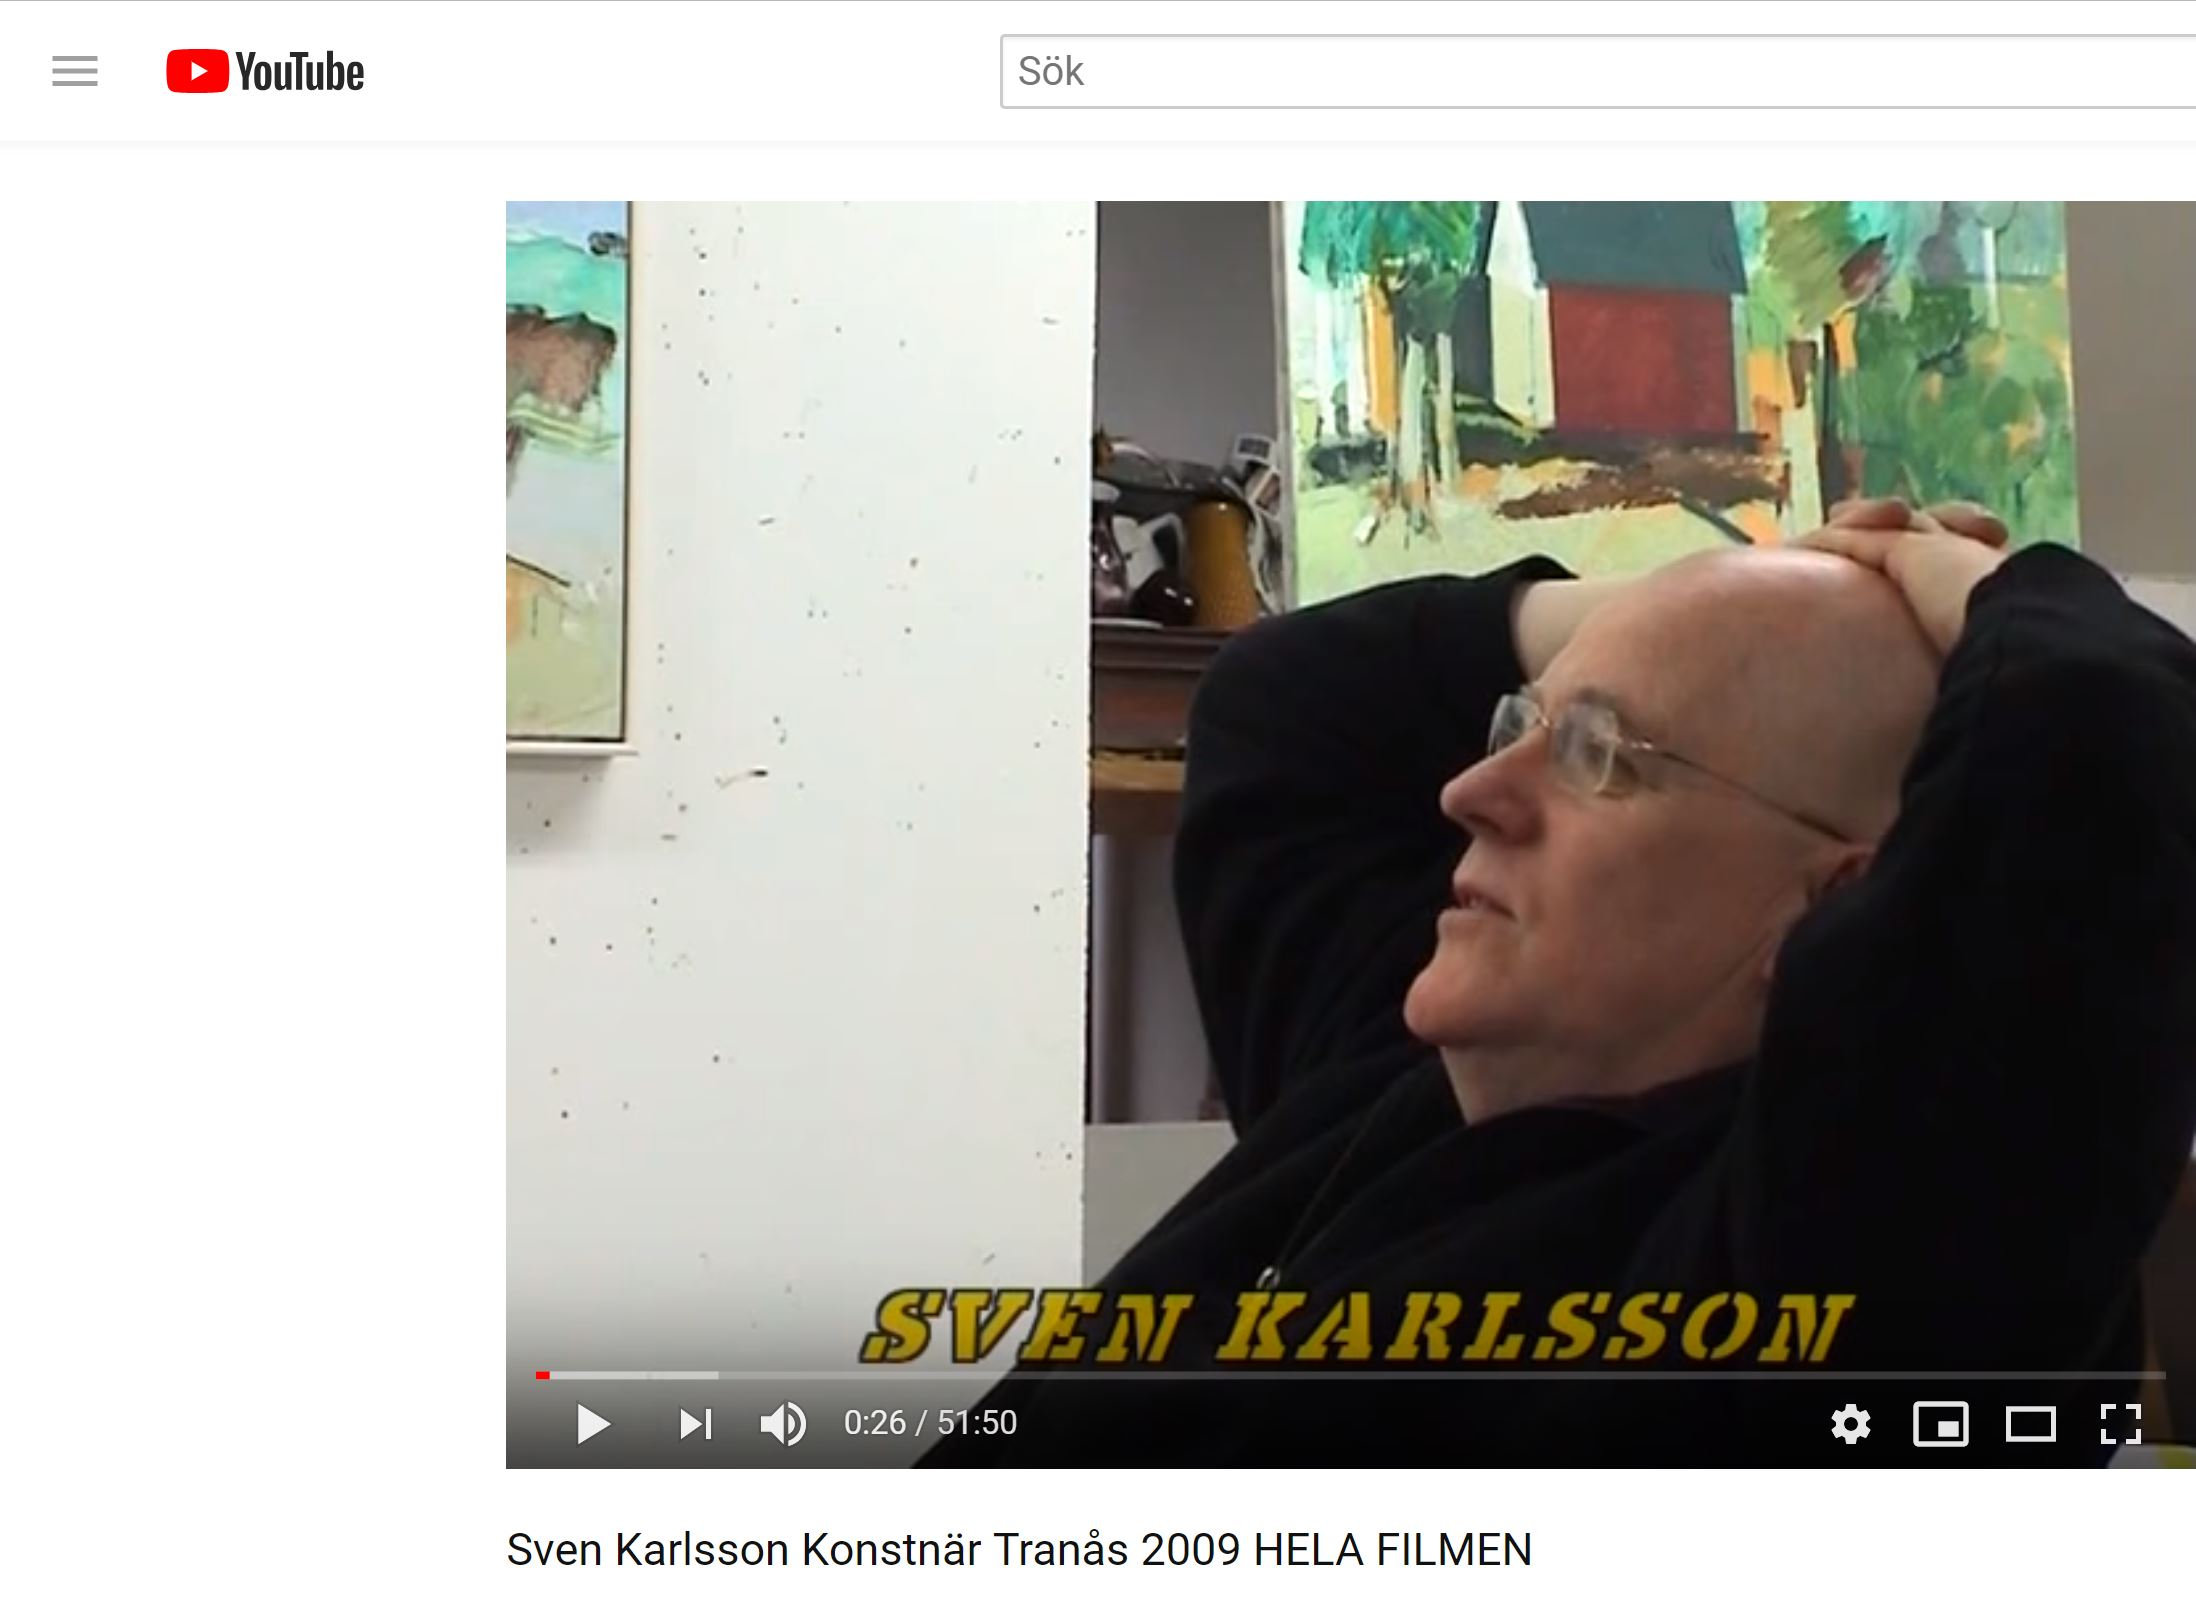 Sven Karlsson - Youtube